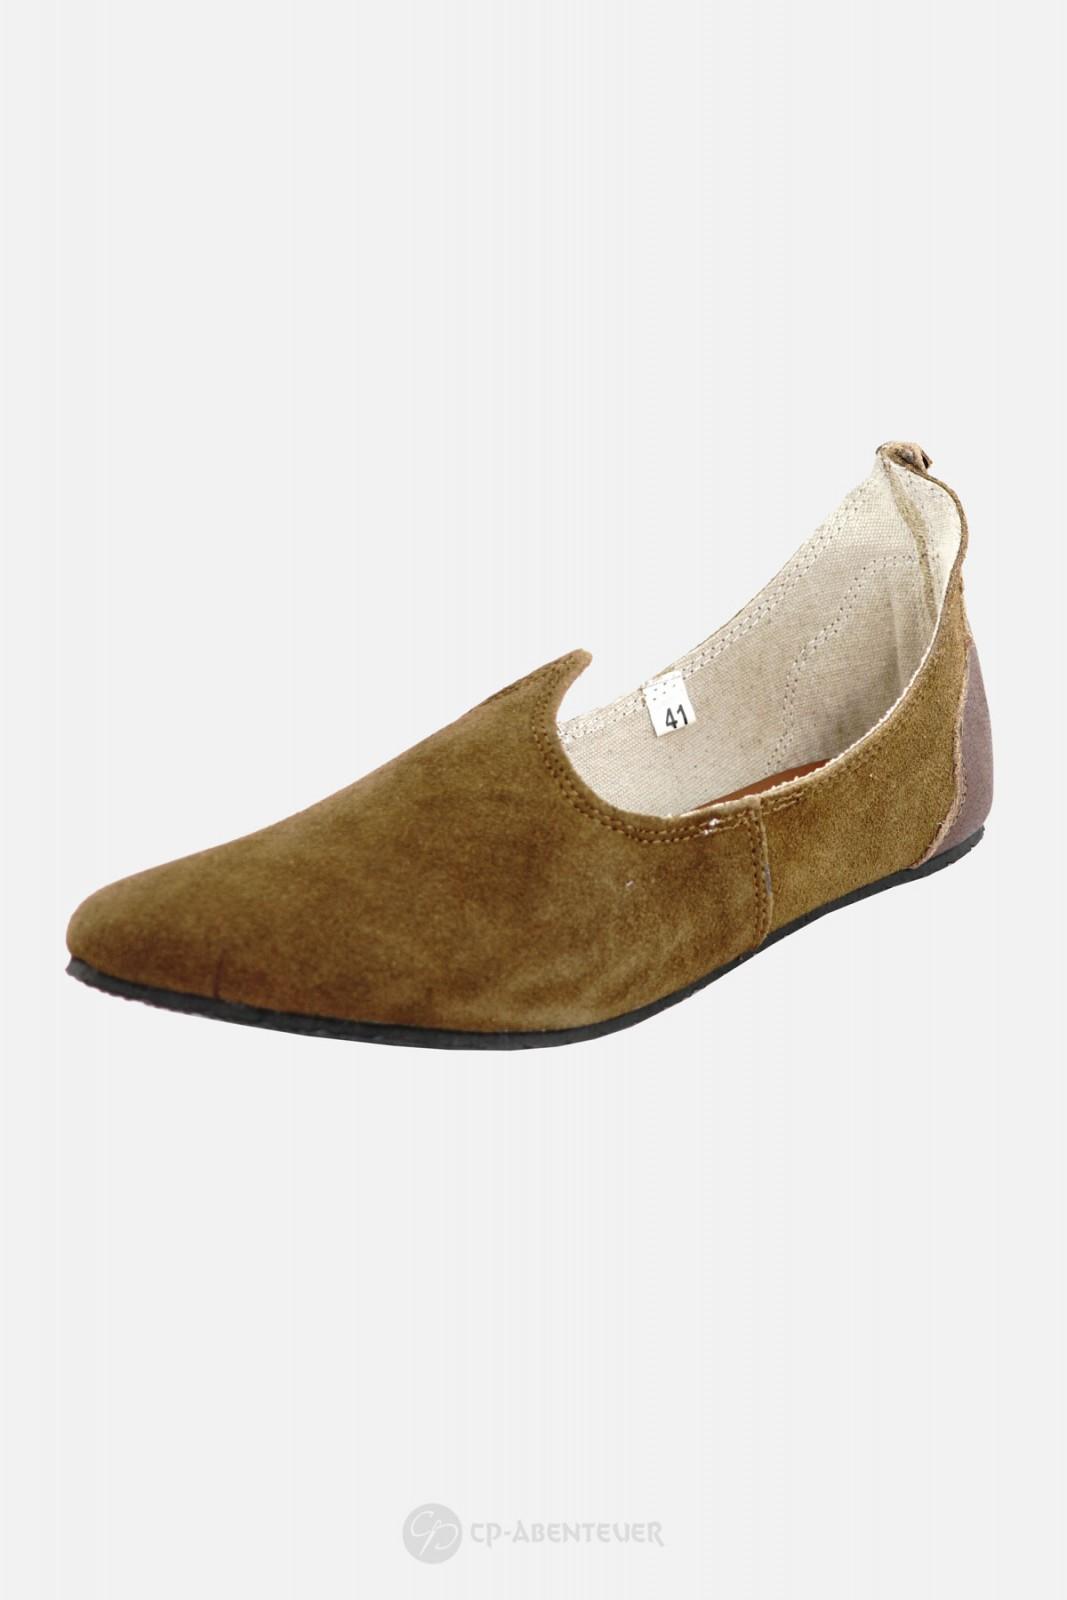 Johanna - Schuhe, Braun